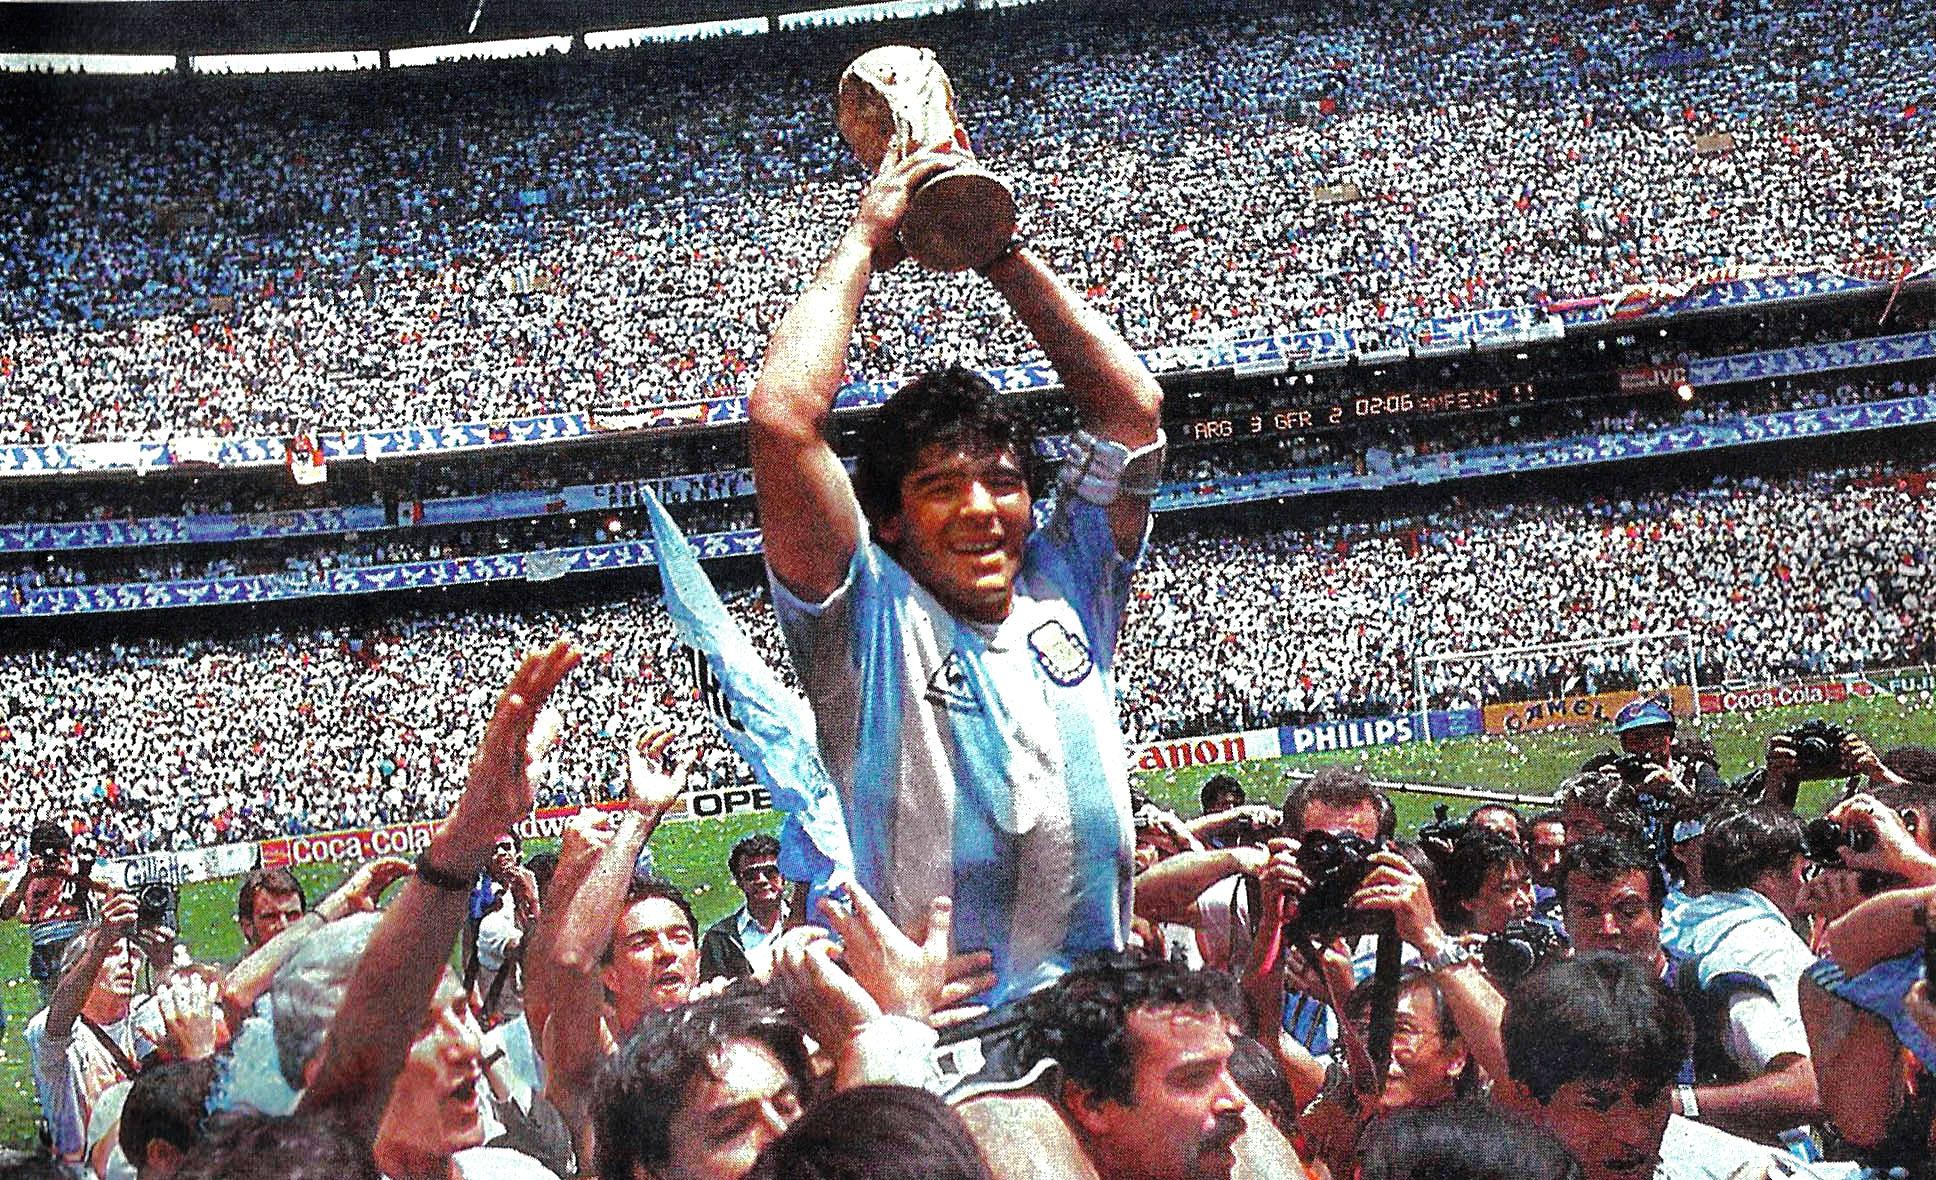 El 10 de la Argentina levanta la Copa FIFA de 1986 y con ello logra que todo un país lo considere como un dios / EL GRÁFICO